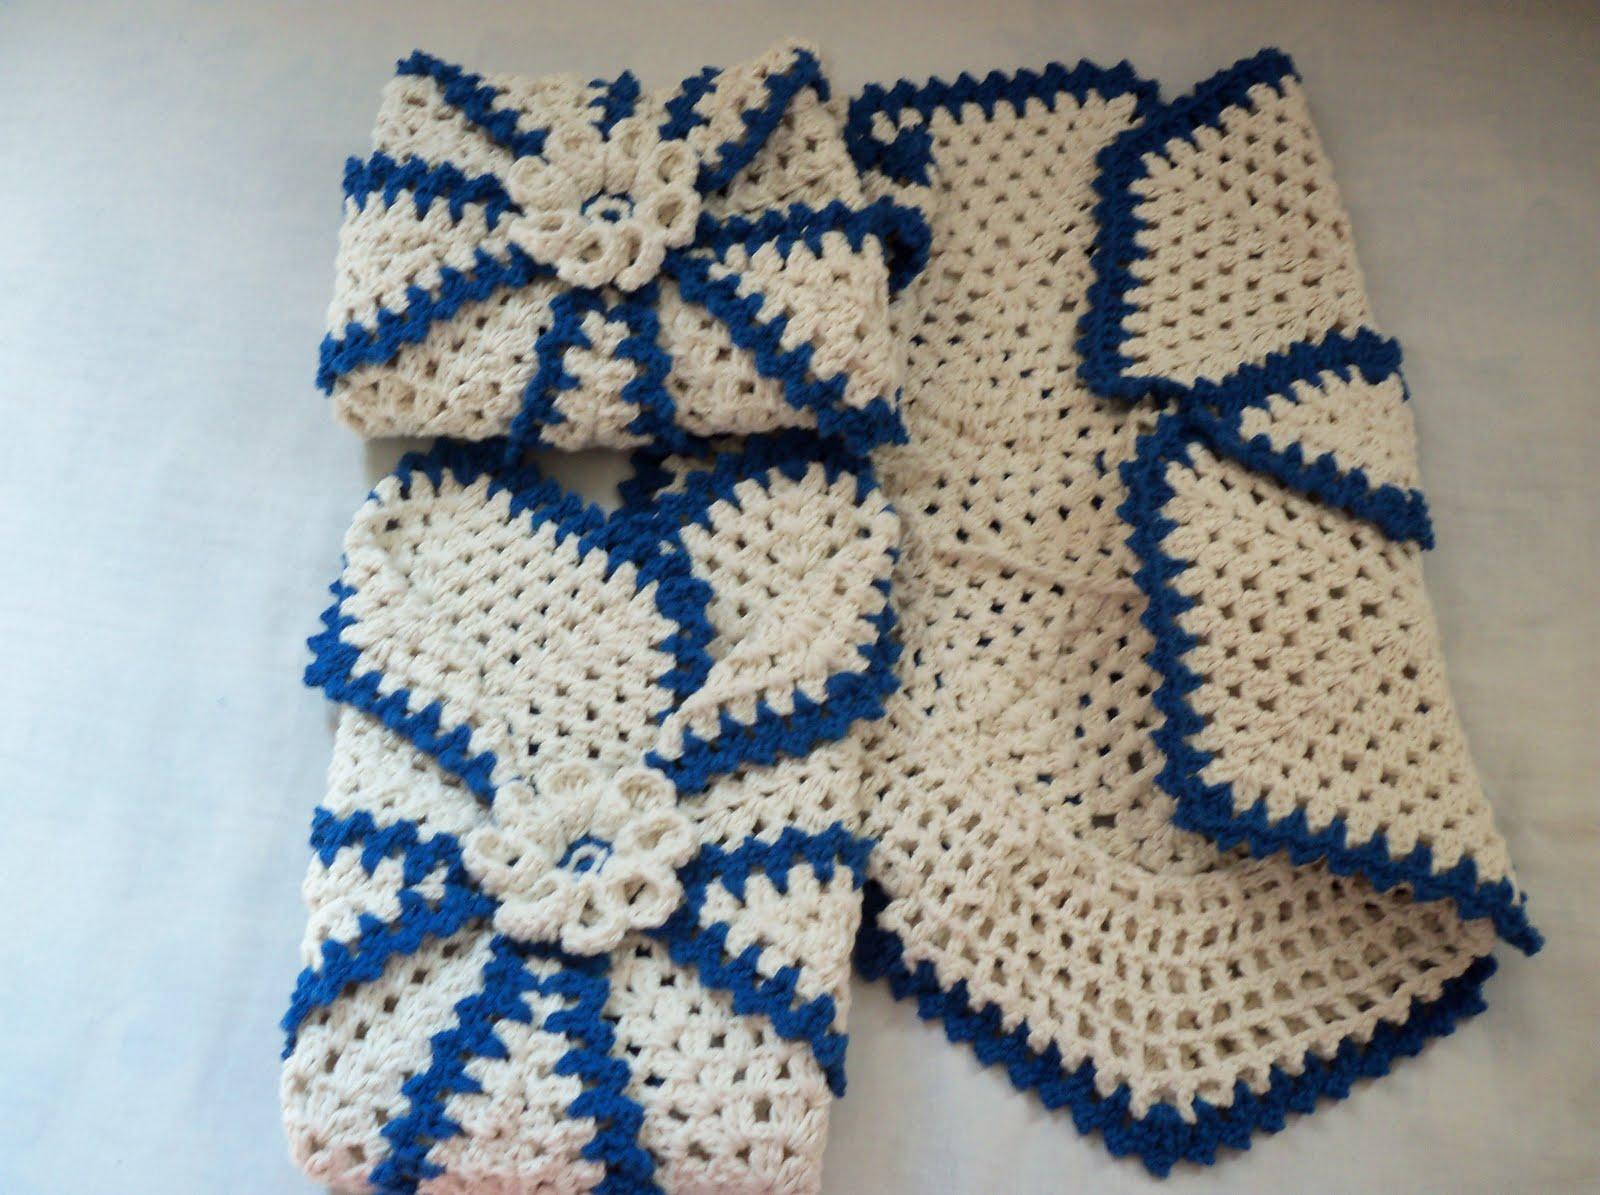 Edi artesanatos: Jogo de Banheiro em crochê azul #123C70 1600x1195 Azul Para Banheiro